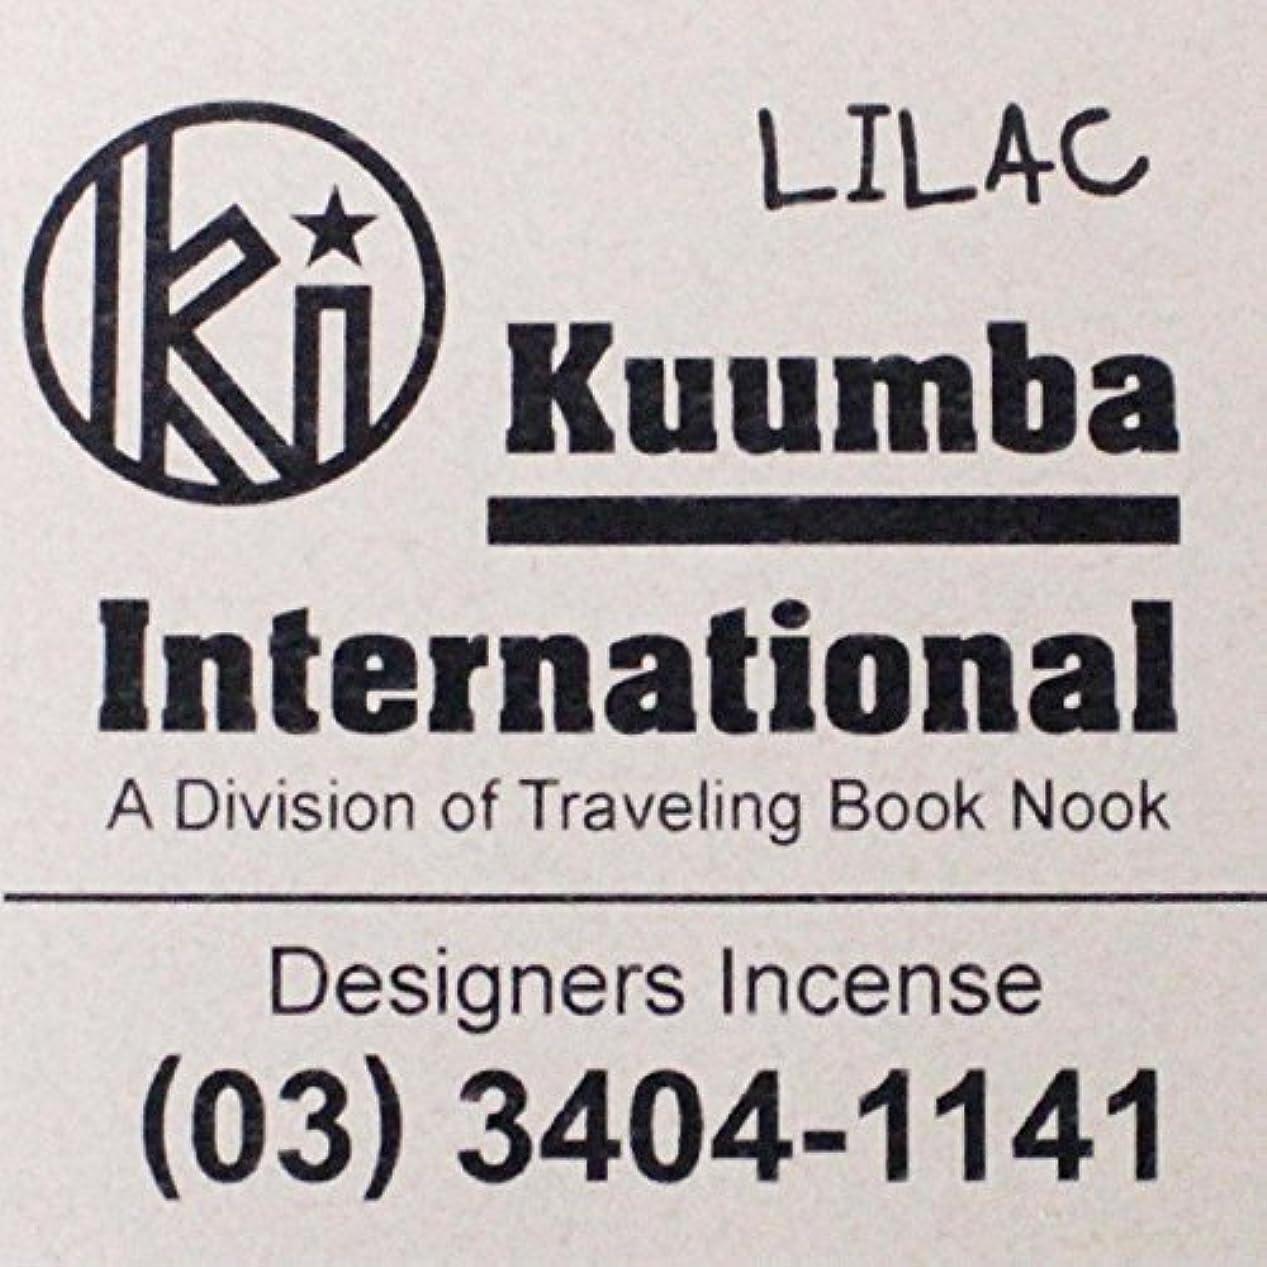 すばらしいですポインタ割り当てます(クンバ) KUUMBA『incense』(LILAC) (Regular size)